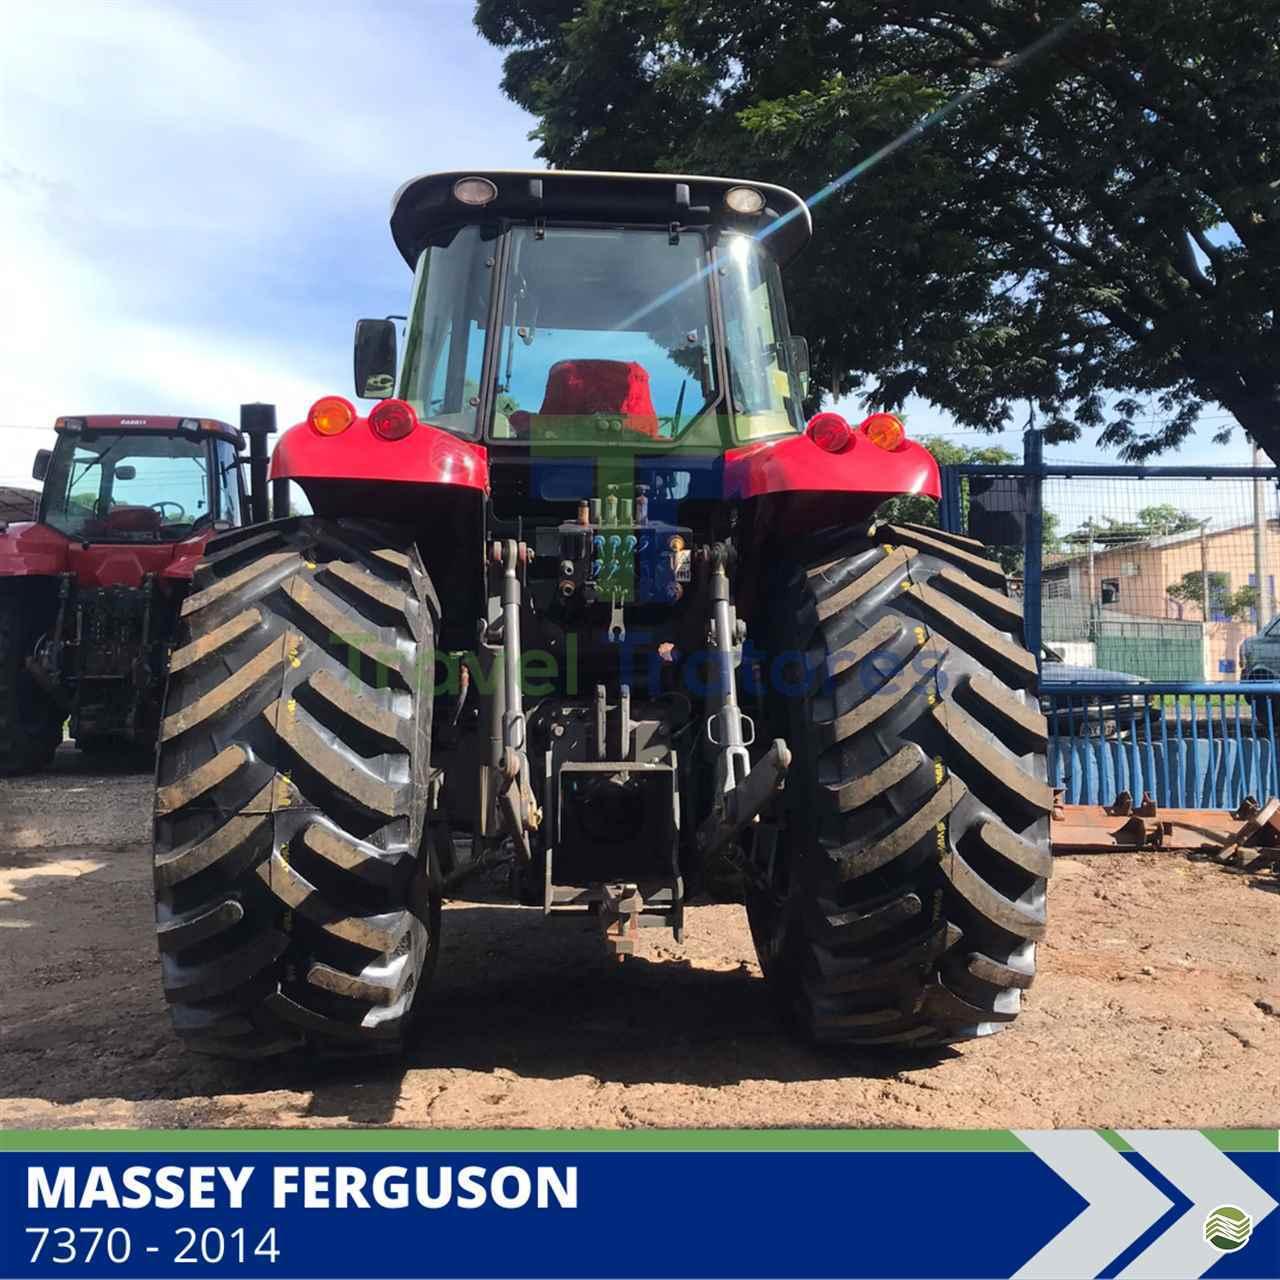 TRATOR MASSEY FERGUSON MF 7370 Tração 4x4 Travel Máquinas Agrícolas LONDRINA PARANÁ PR